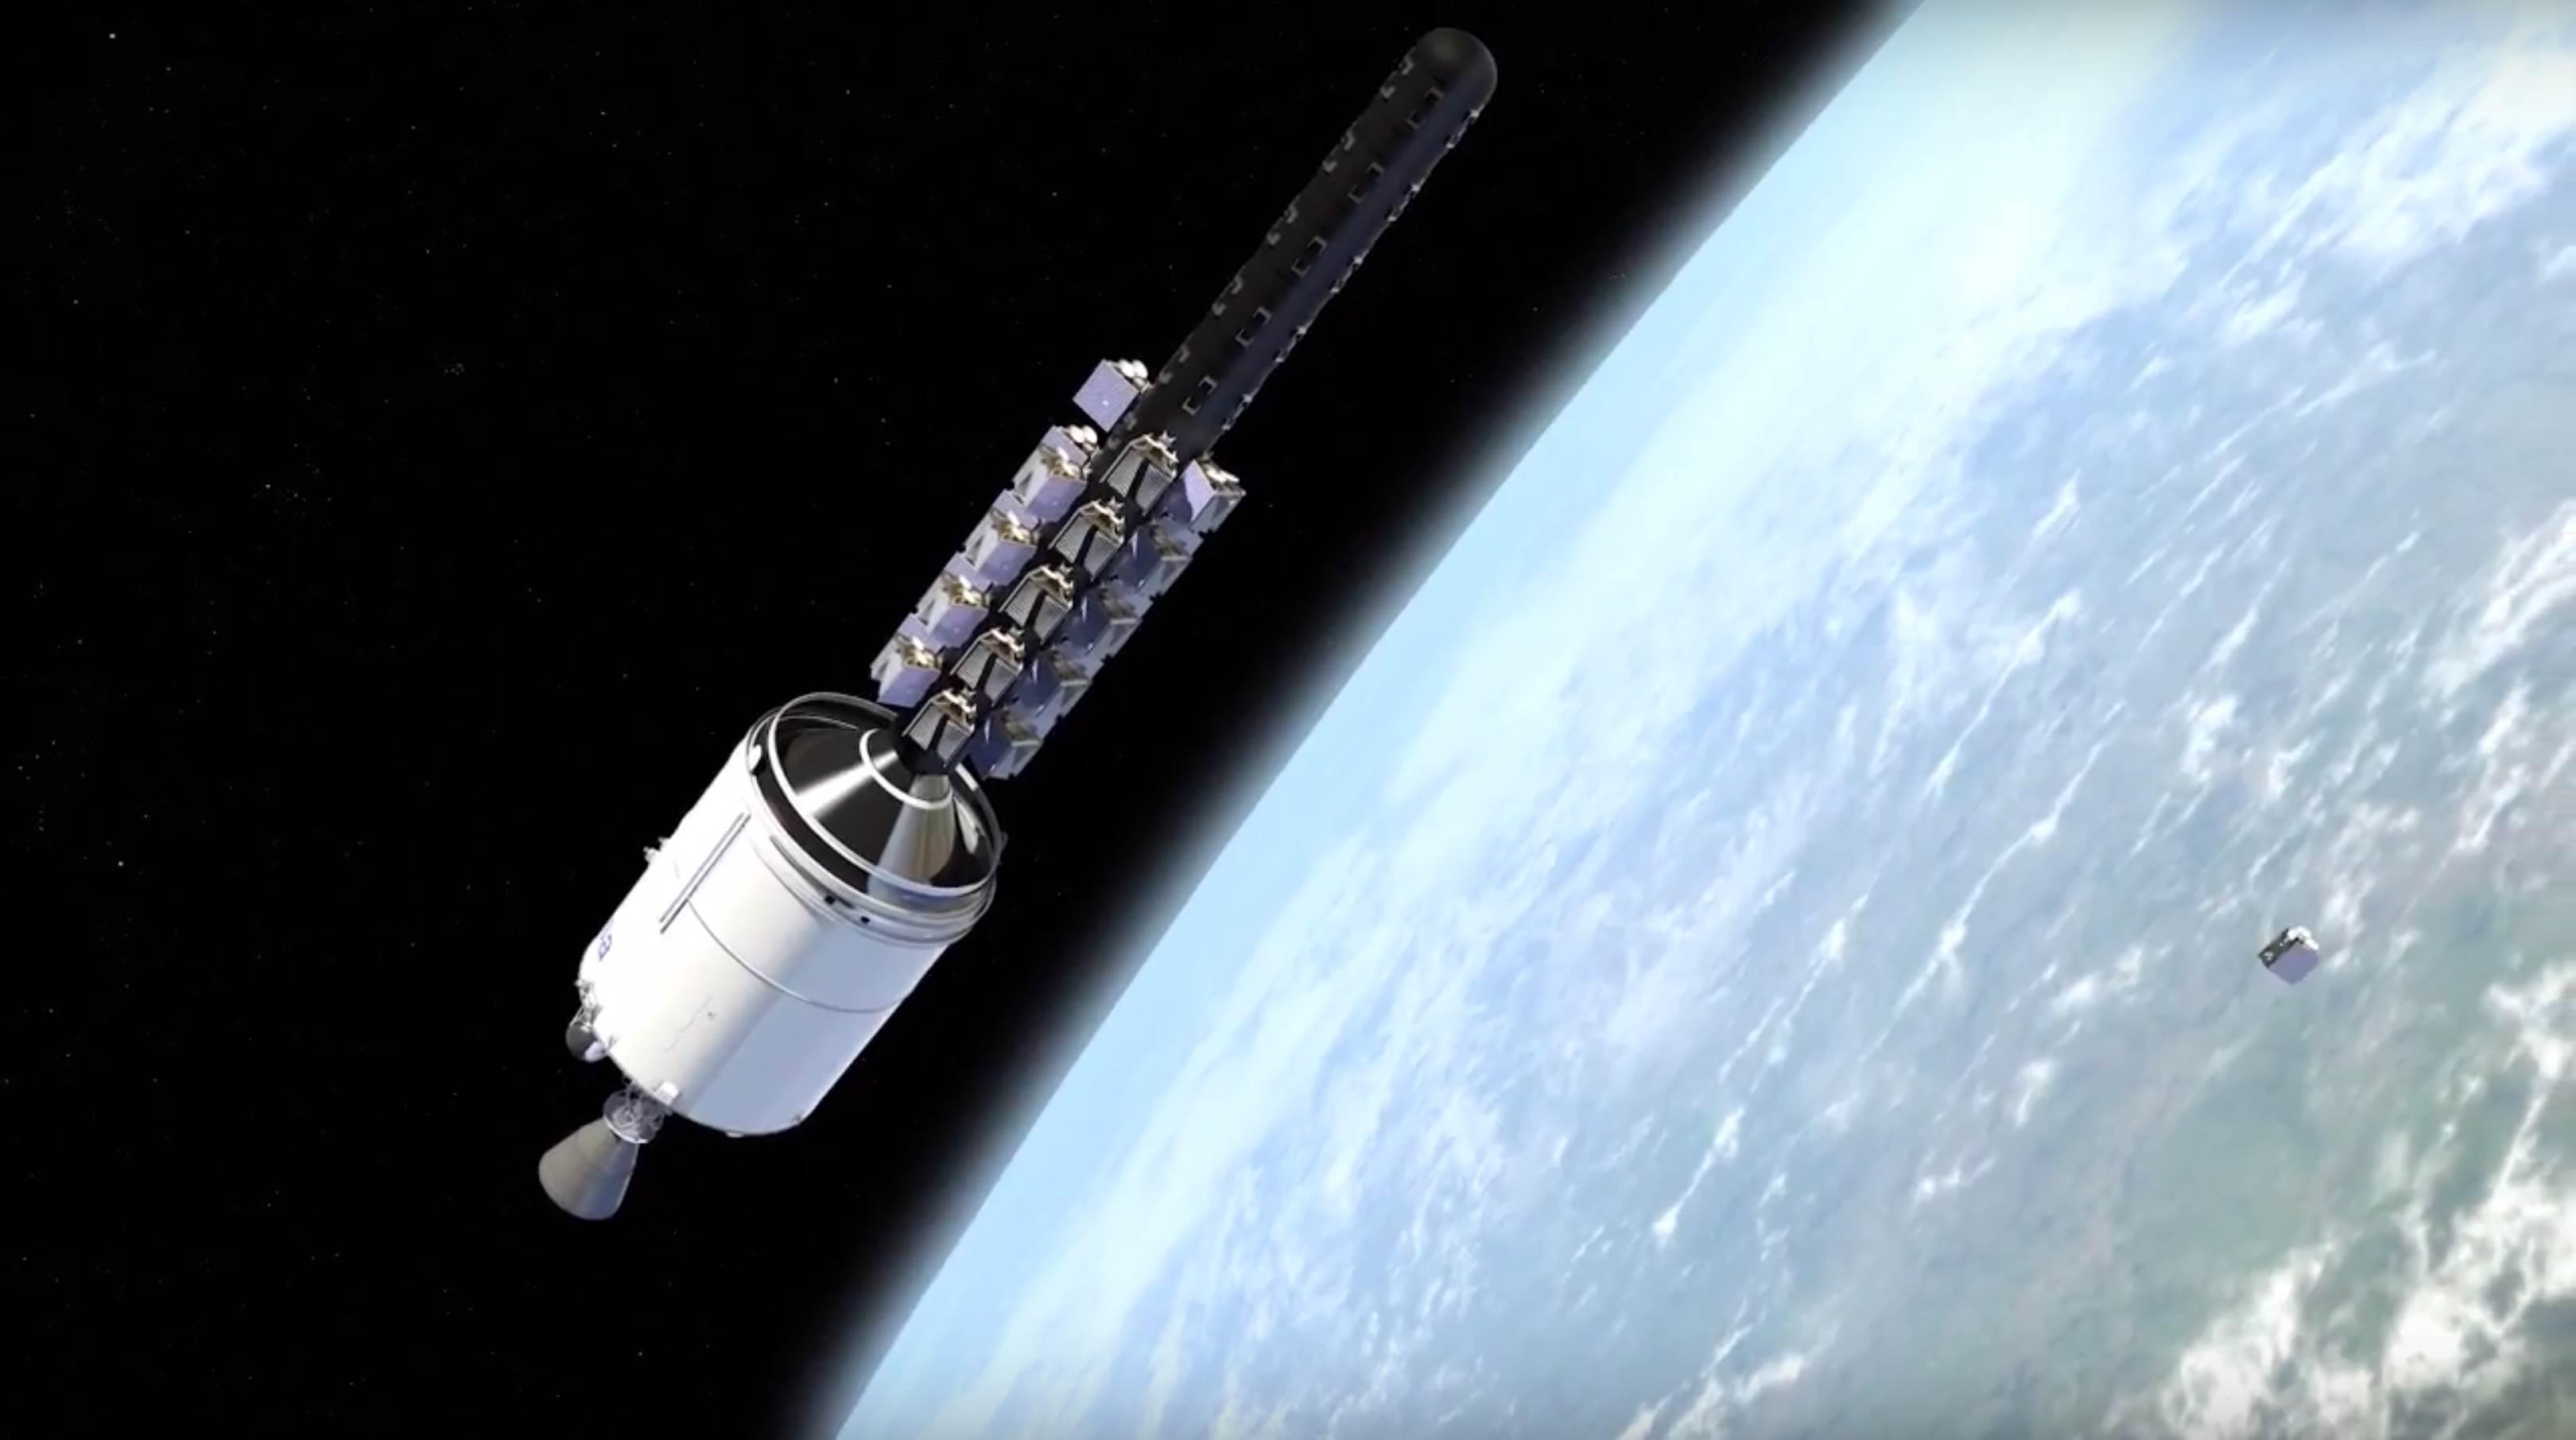 Ariane 6 OneWeb constellation dispenser (Arianespace) 11